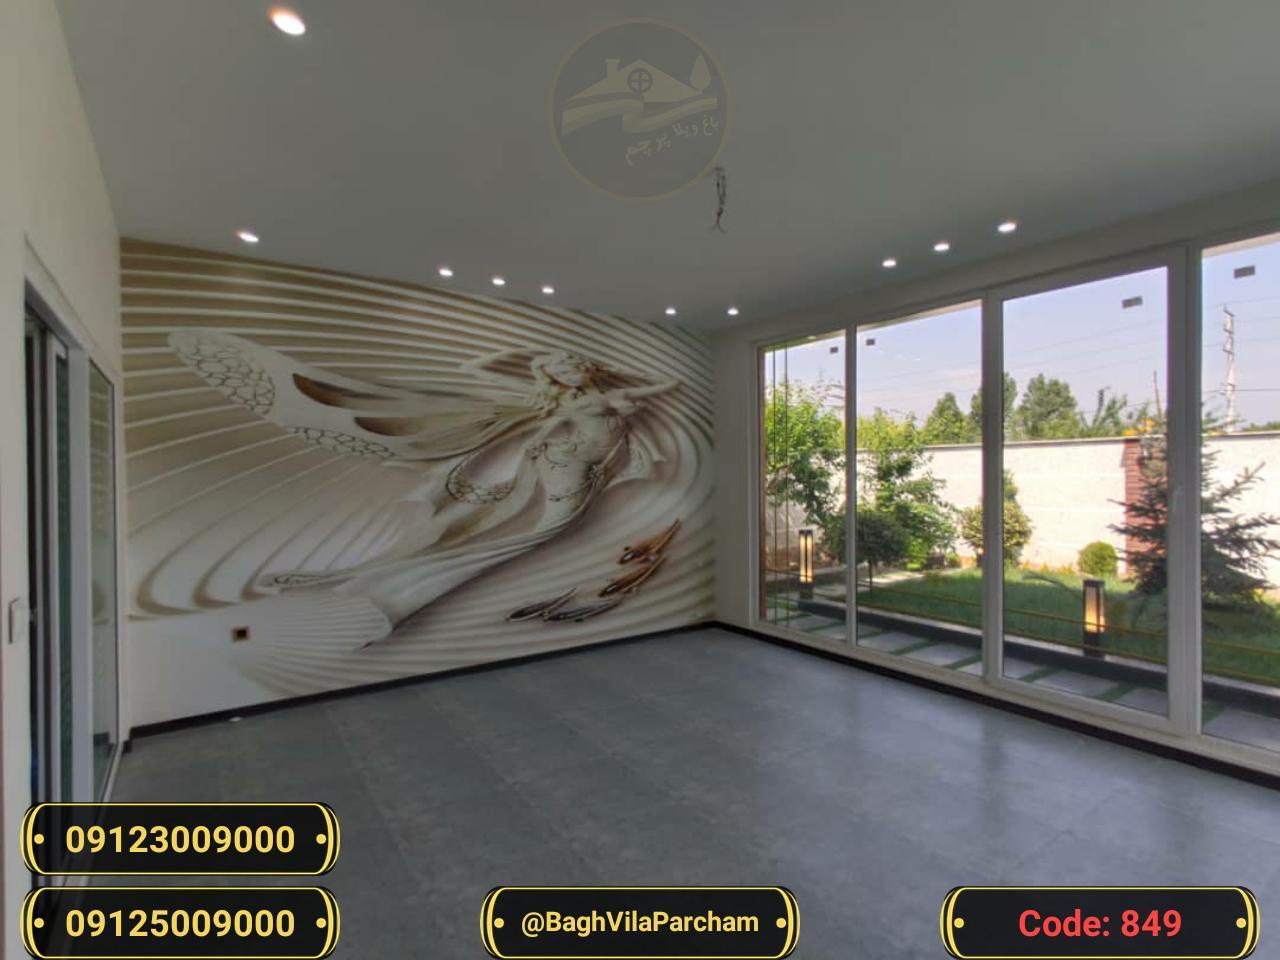 تصویر عکس باغ ویلا شماره 11 از ویلای ۶۰۰ متر ویلا مدرن و شیک Picture photo image 11 of ۶۰۰ متر ویلا مدرن و شیک